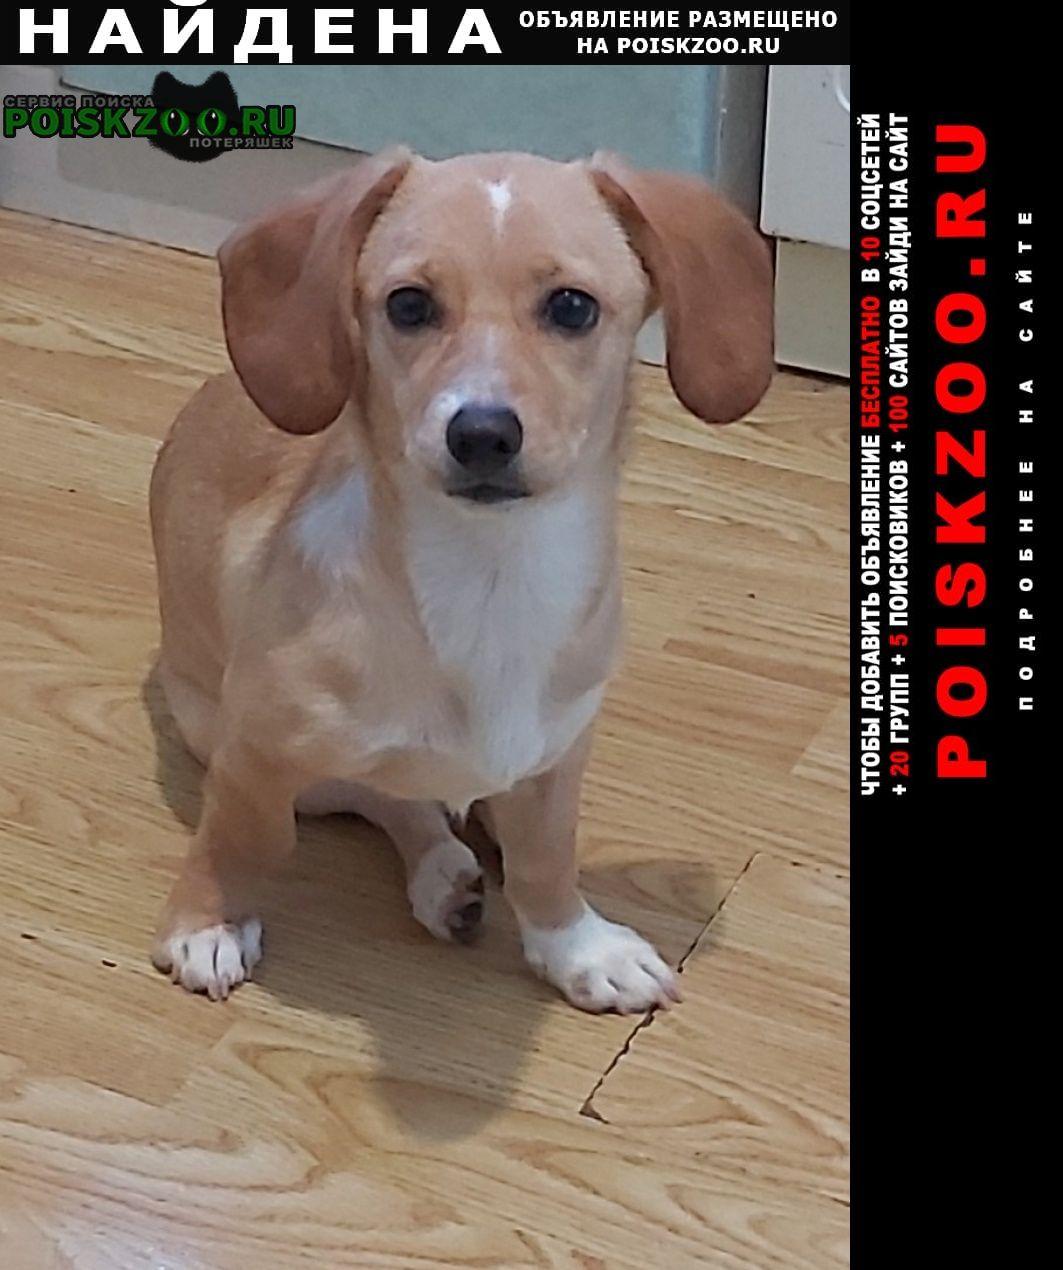 Найдена собака. Новороссийск